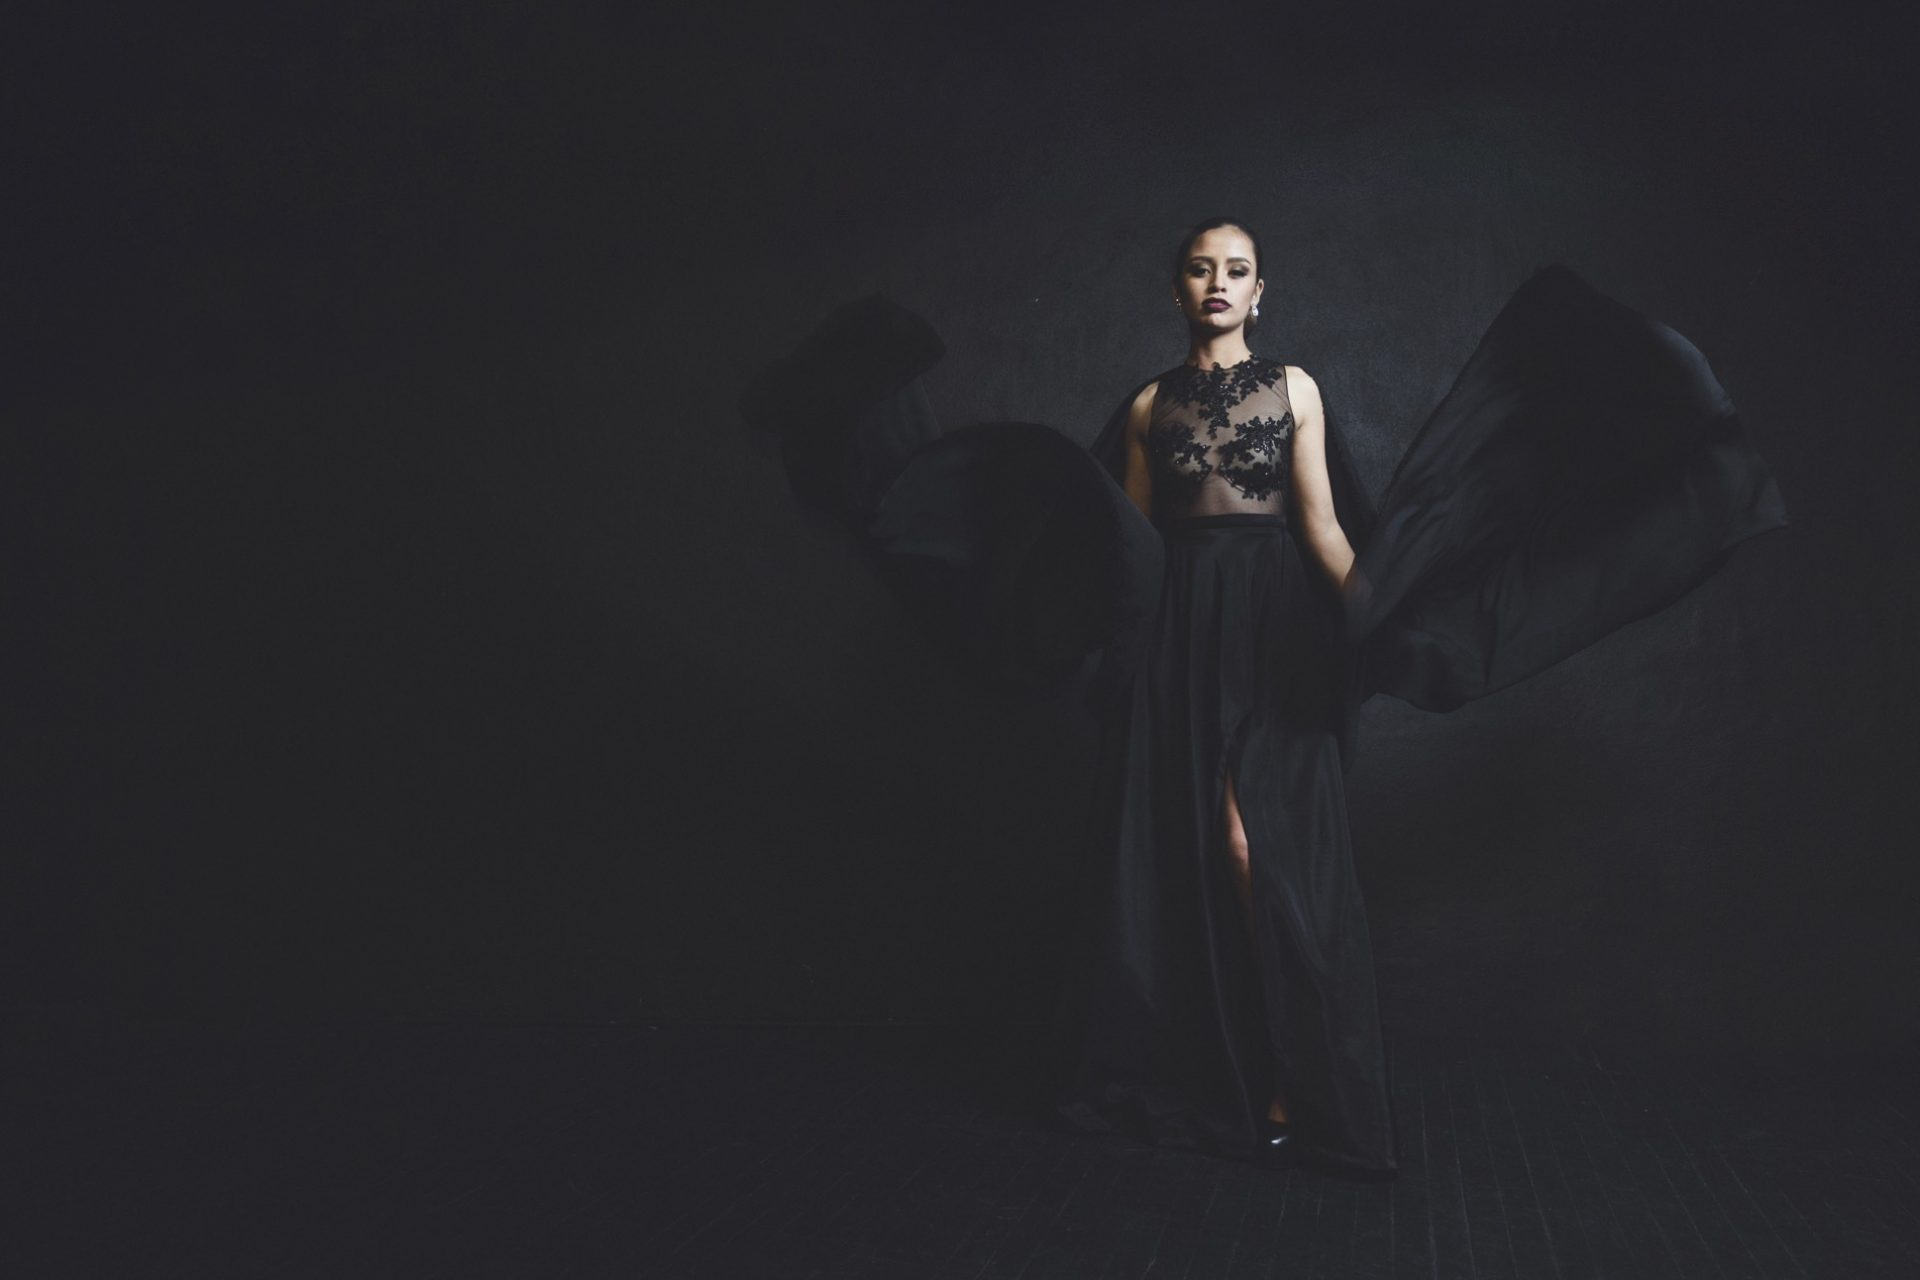 fotografo_profesional_bodas_zacatecas_casual_teatro_calderon_fashion-1